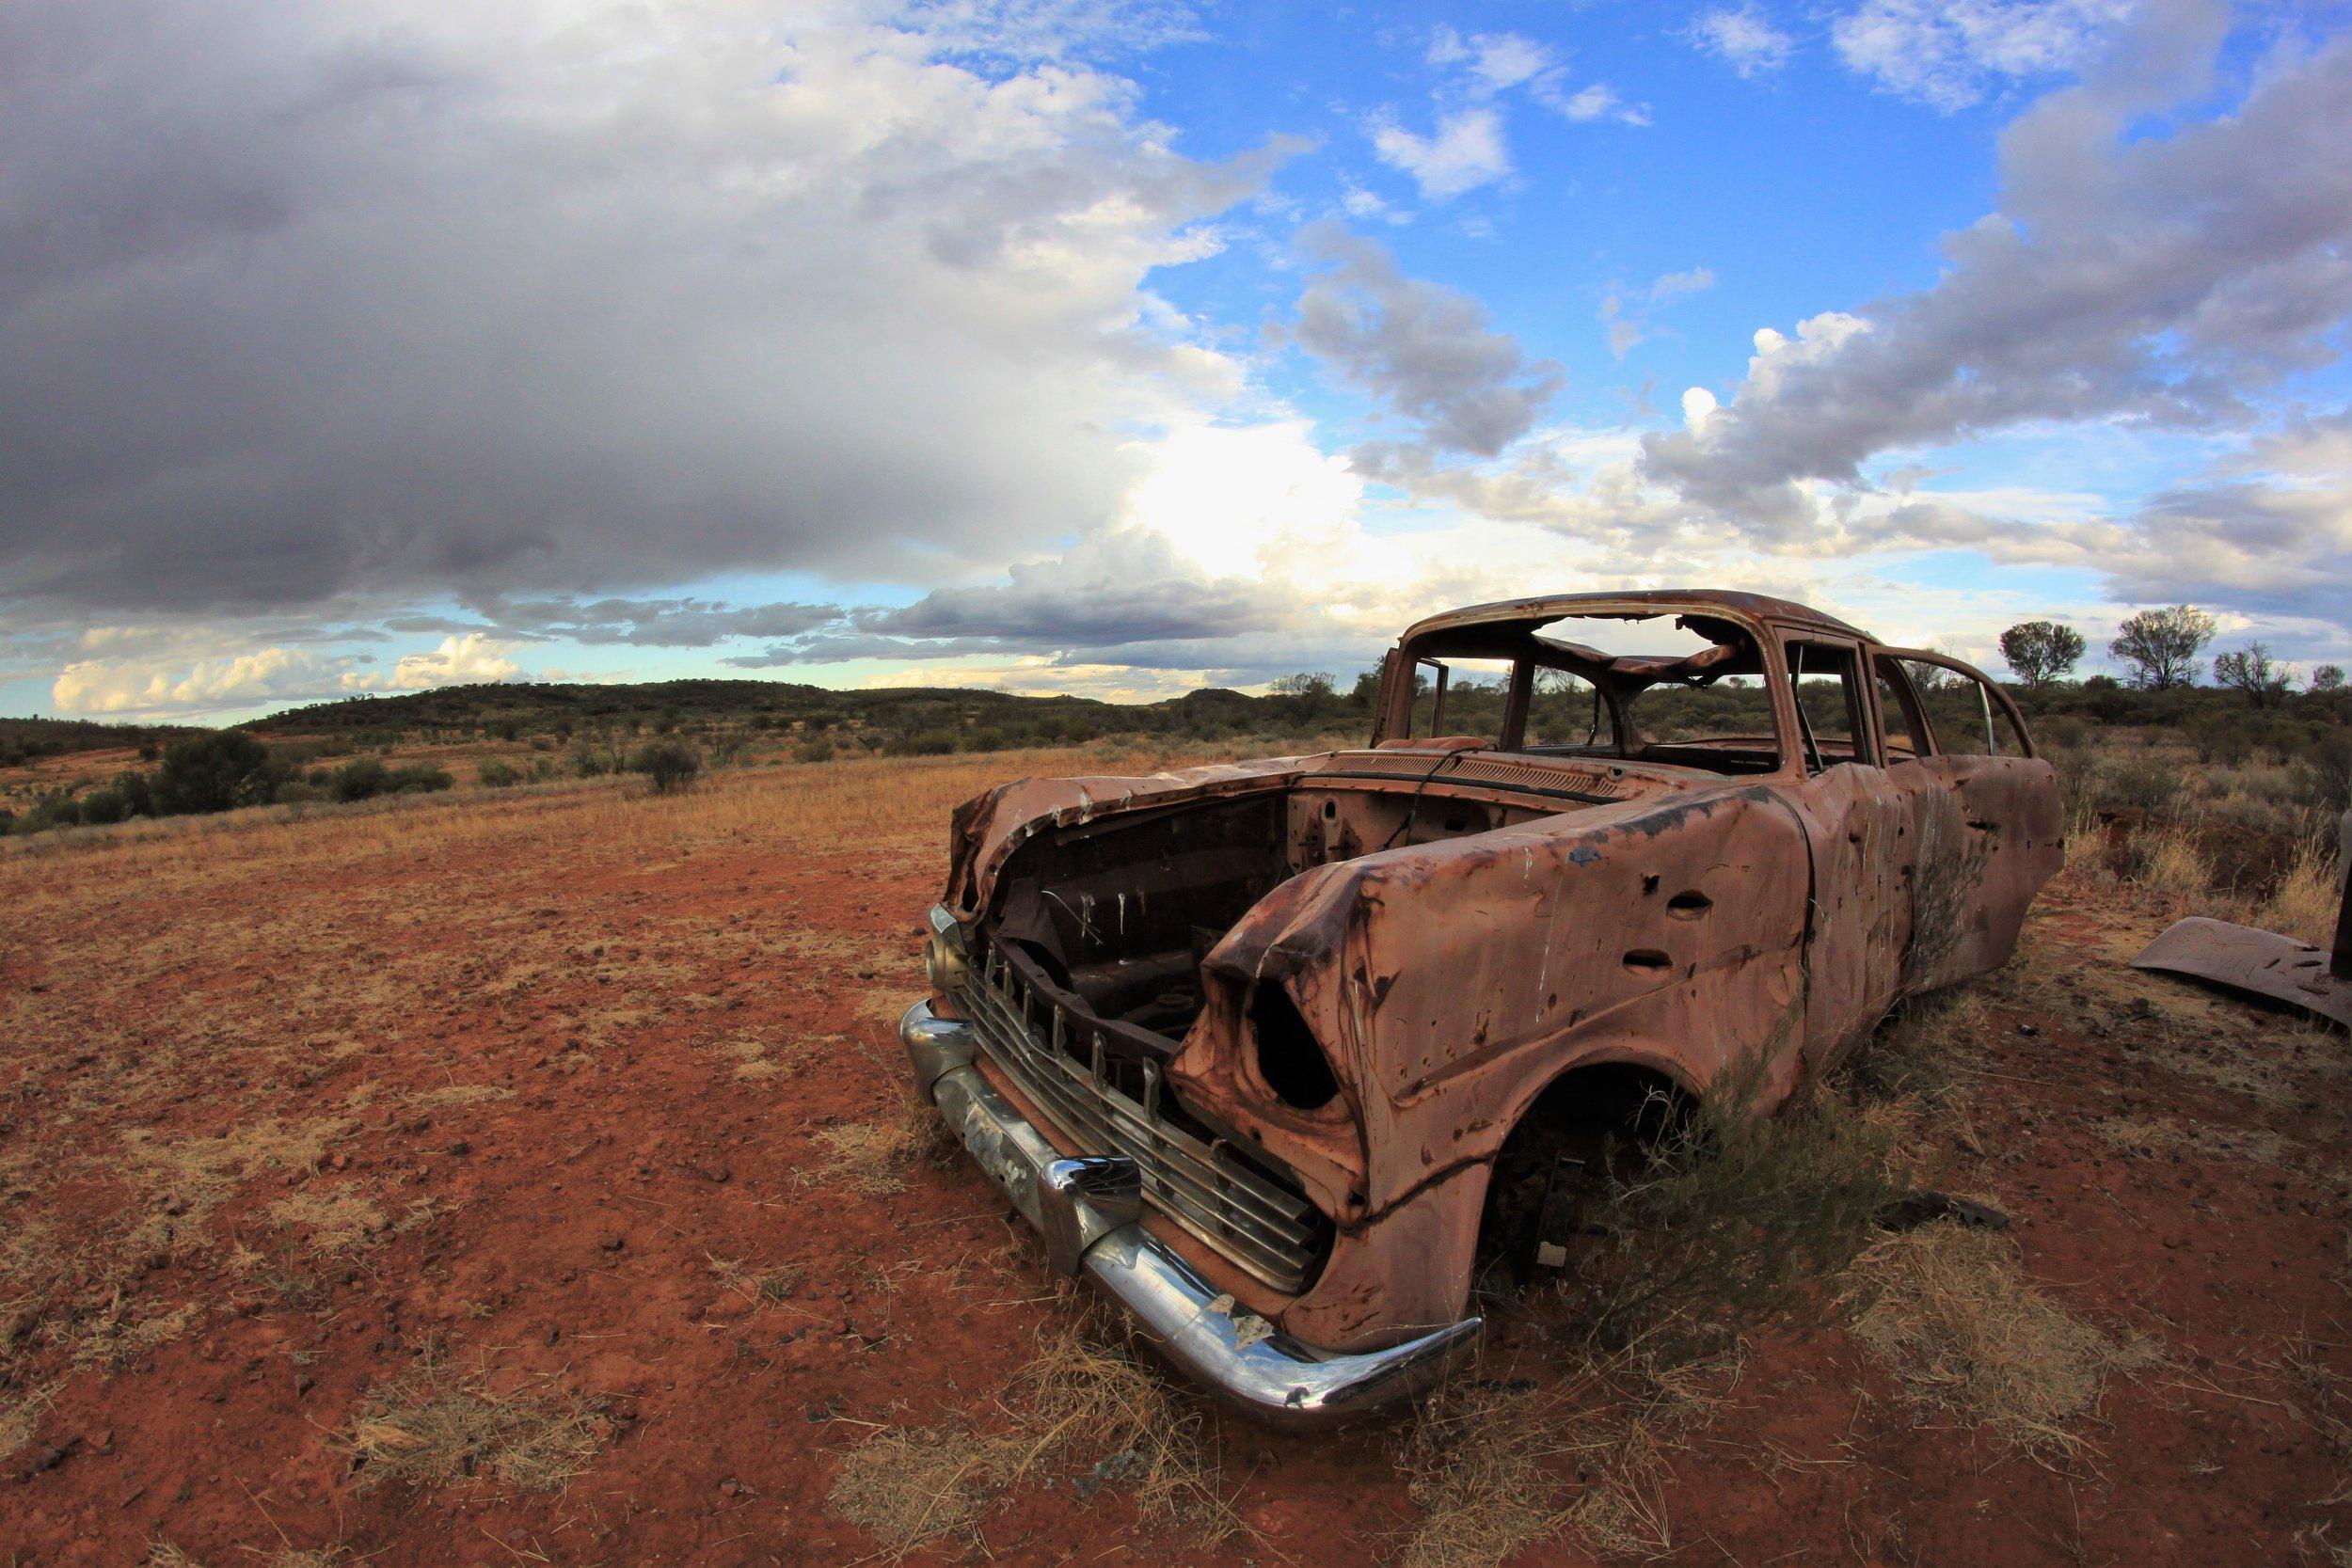 Outback desert